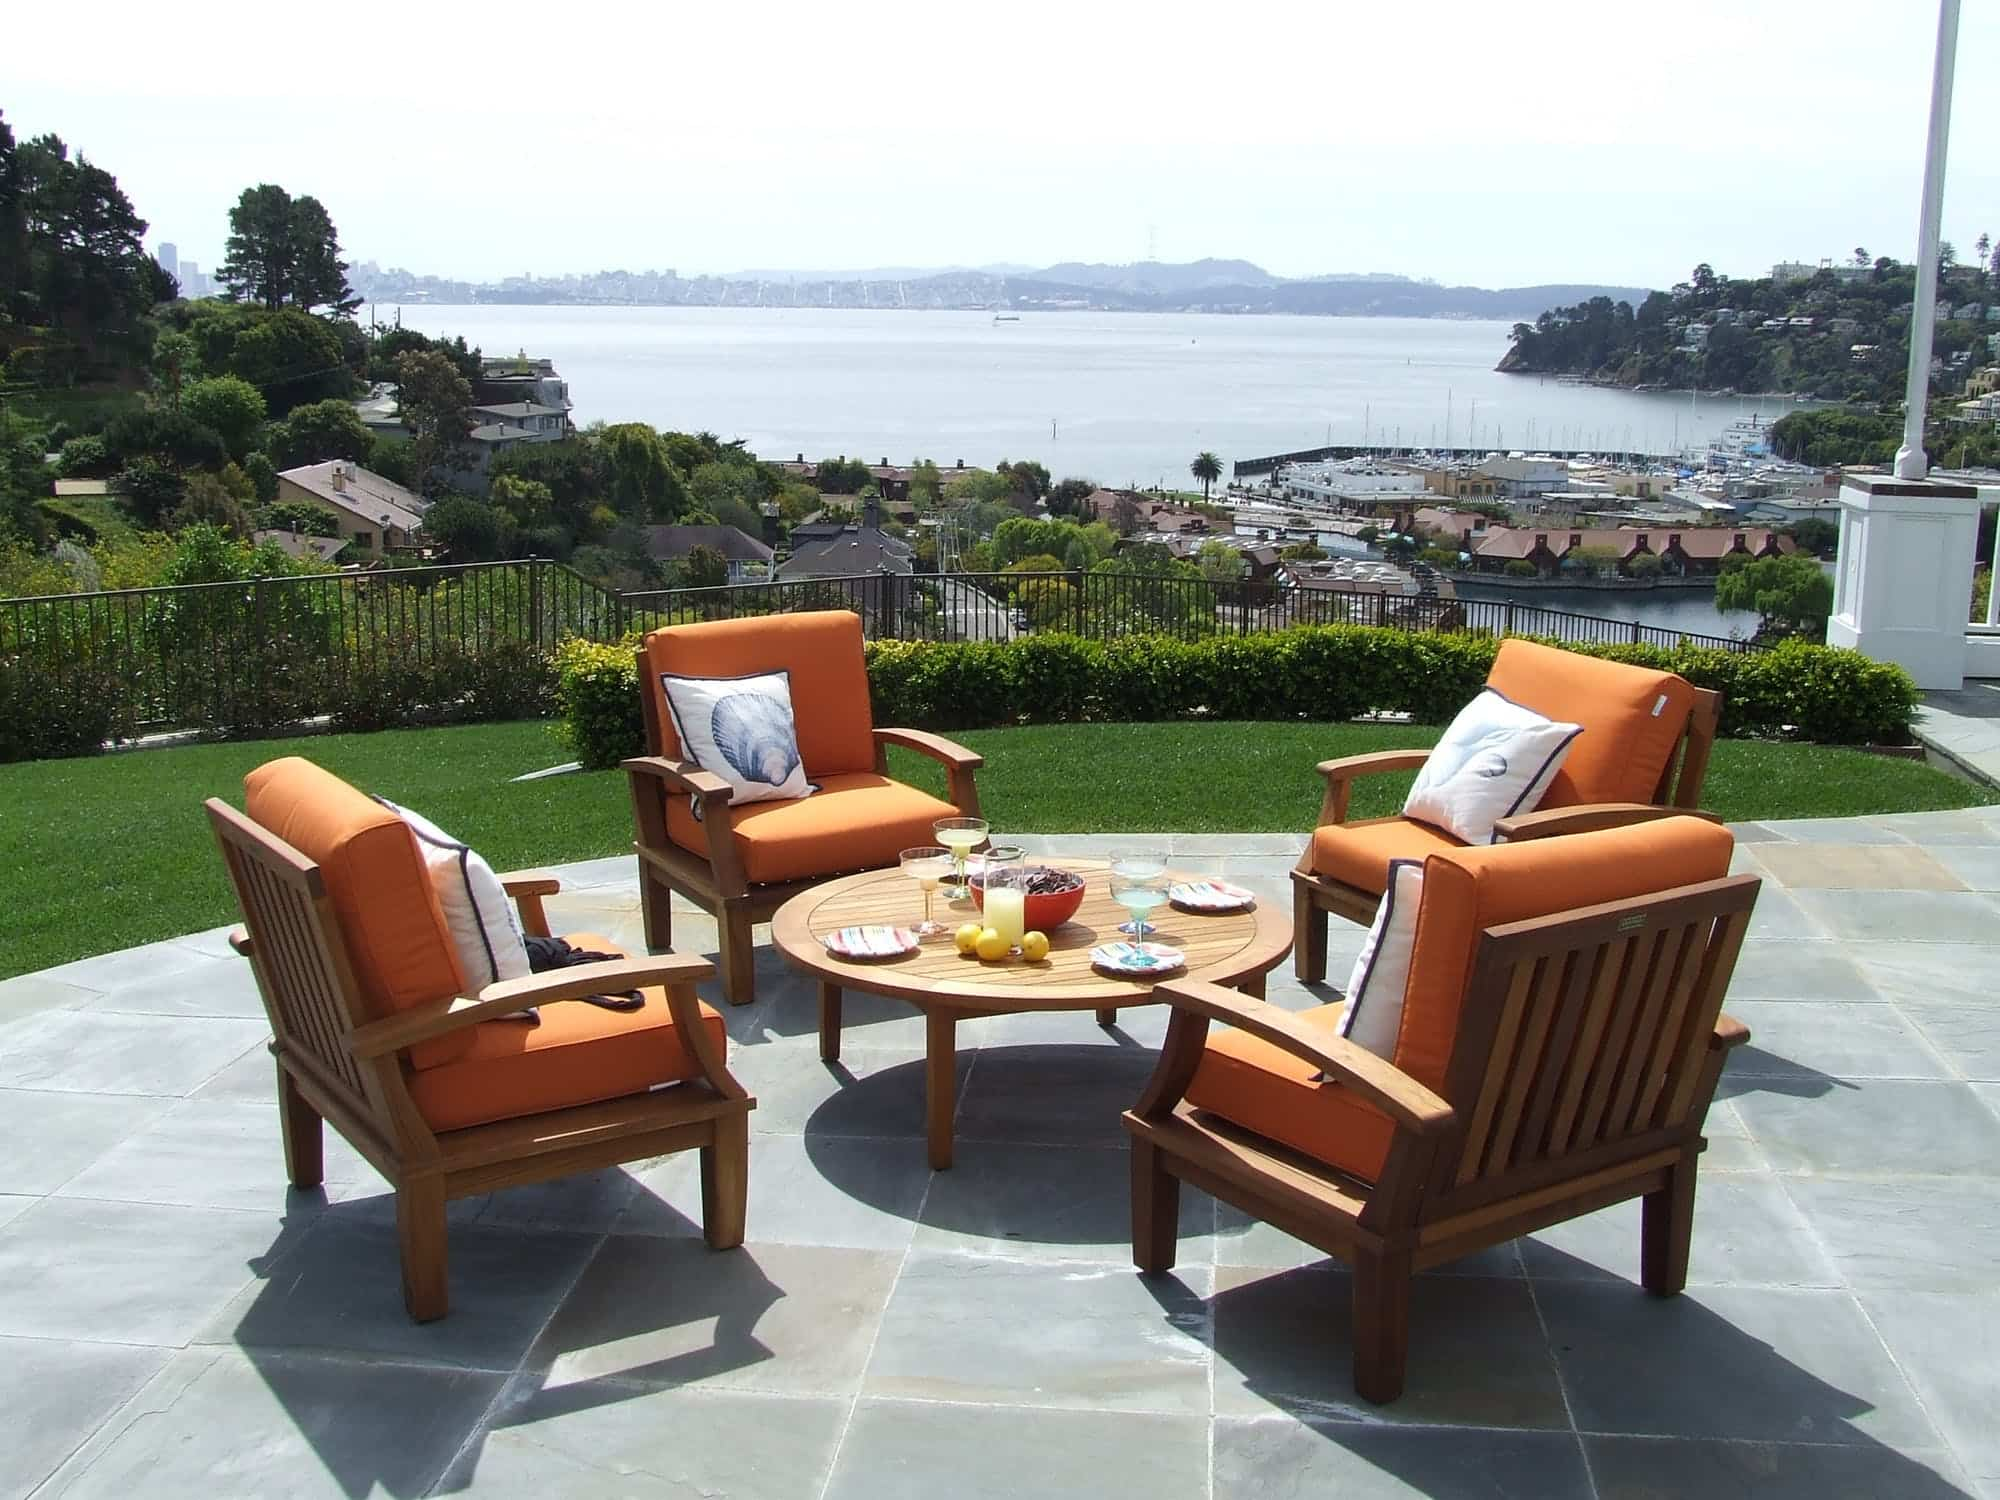 Muebles que no deben faltar para disfrutar de un jardín perfecto